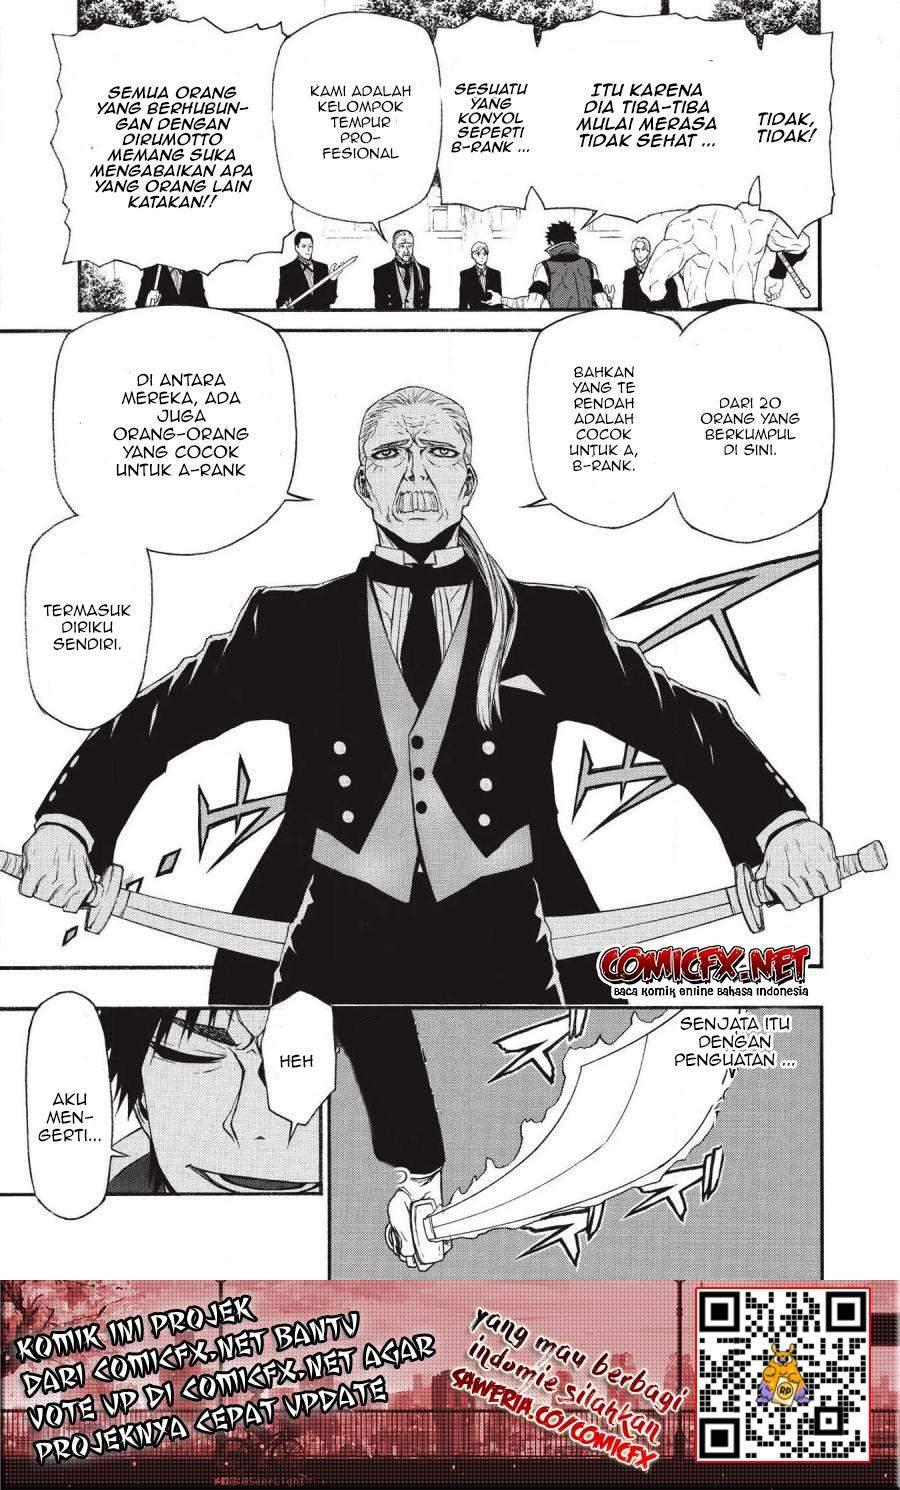 Shinmai Ossan Bouken-sha, Saikyou Paati Ni Shinu Hodo Kitae Rarete Muteki Ni Naru Chapter 5